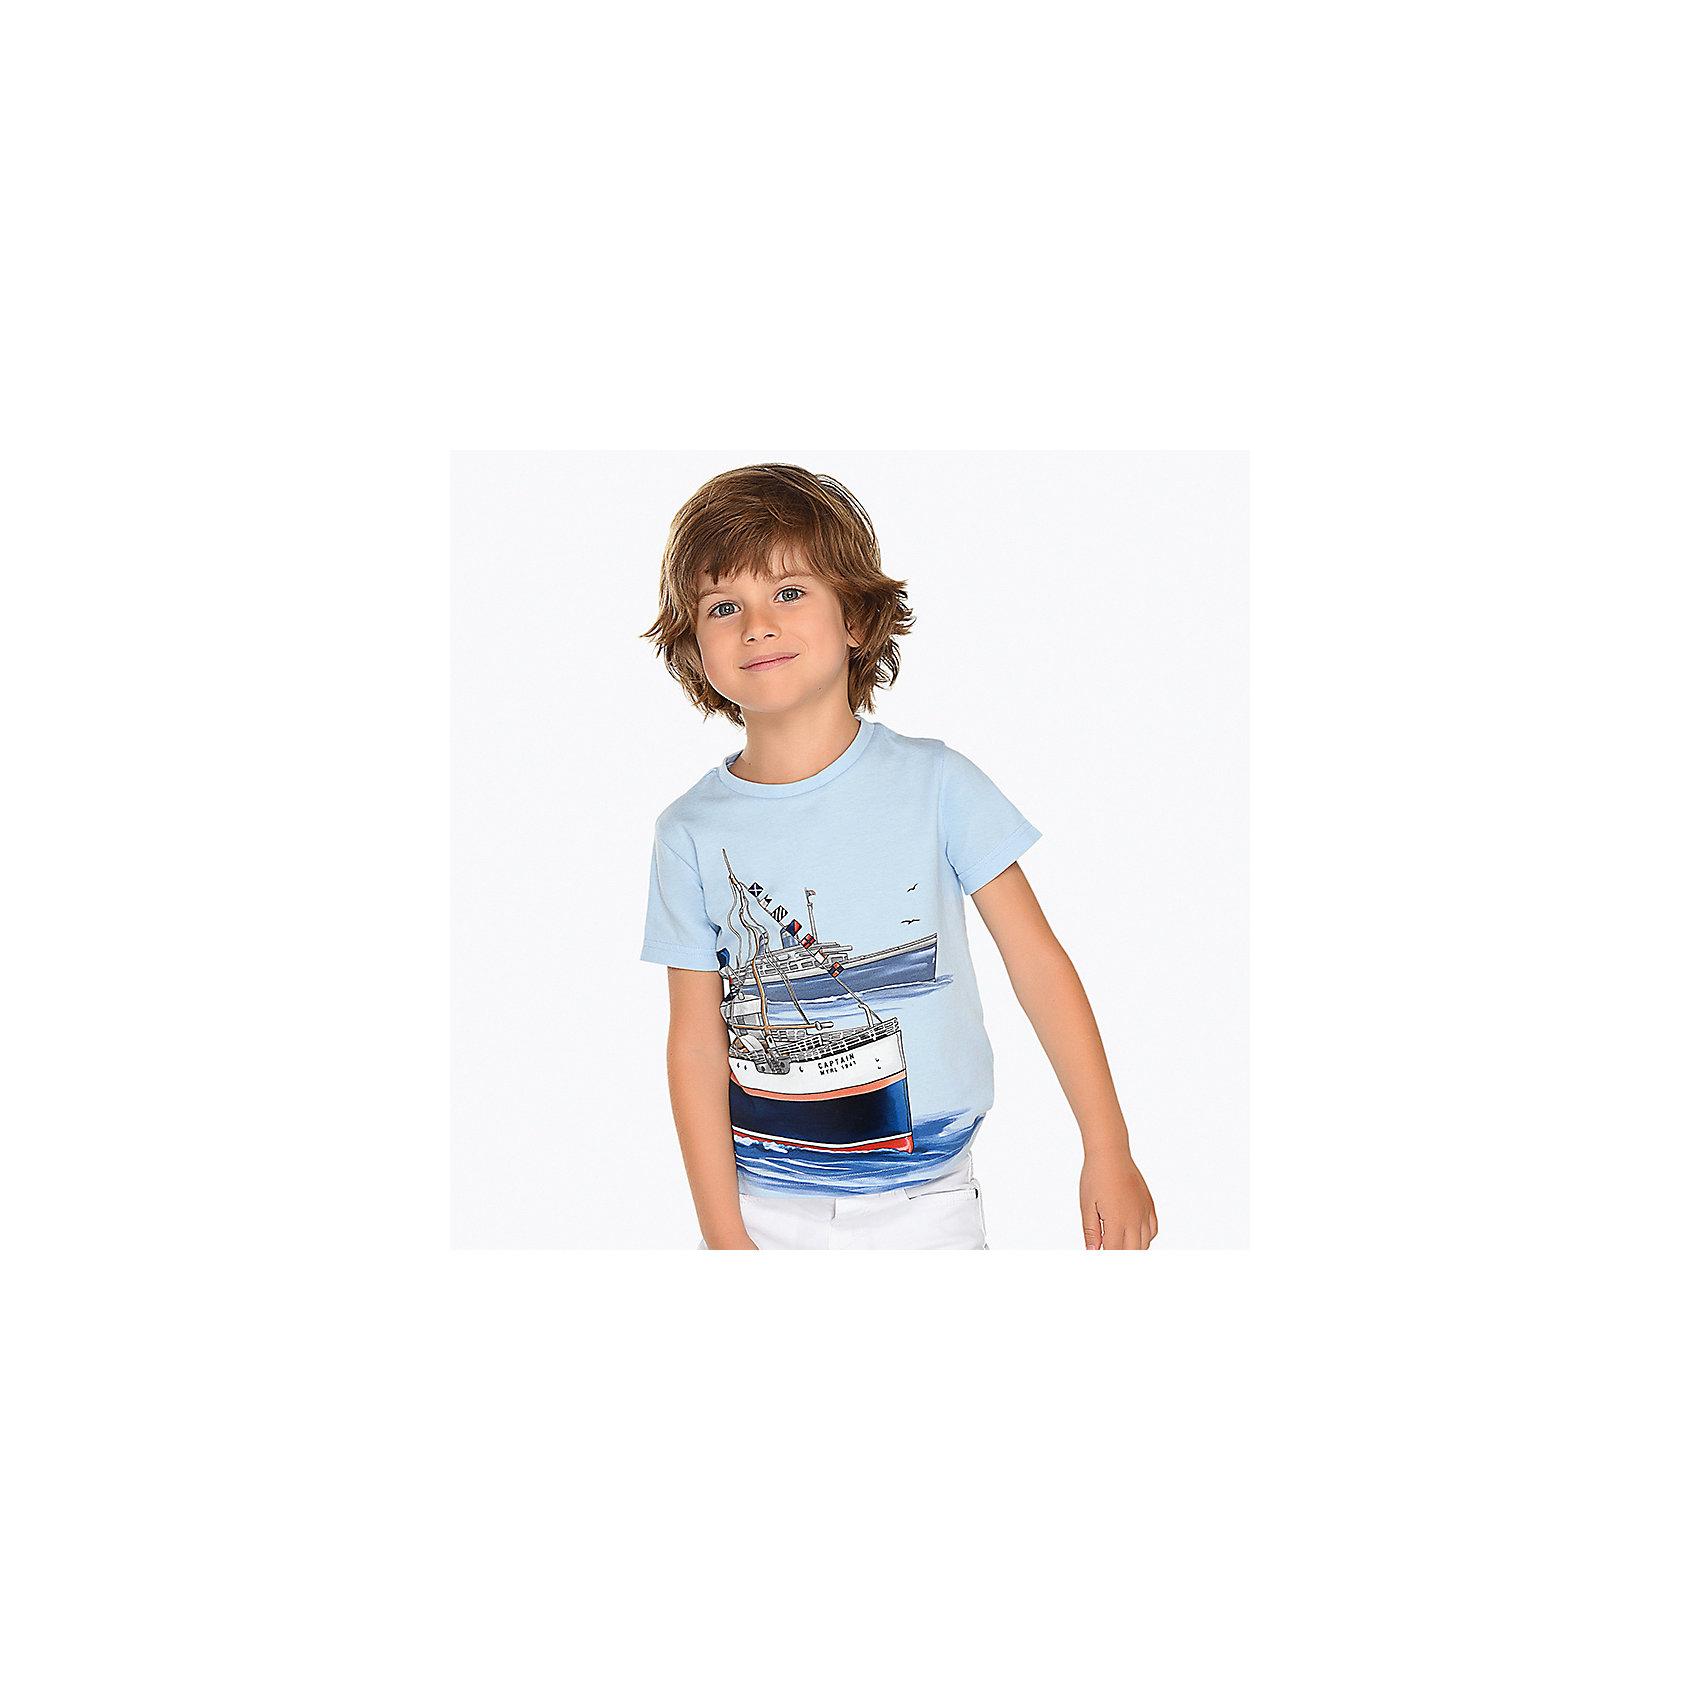 Футболка для мальчика MayoralФутболка для мальчика от известной испанской марки Mayoral <br><br>Хлопковая футболка от Mayoral - отличный вариант одежды на каждый день! Она прекрасно сочетается с джинсами и шортами.  Модель выполнена из качественных материалов, отлично сидит по фигуре.<br><br>Особенности модели:<br><br>- цвет: белый;<br>- рукава короткие;<br>- украшена принтом;<br>- натуральный материал.<br><br>Дополнительная информация:<br><br>Состав: 100% хлопок<br><br>Футболку для мальчика Mayoral (Майорал) можно купить в нашем магазине.<br><br>Ширина мм: 199<br>Глубина мм: 10<br>Высота мм: 161<br>Вес г: 151<br>Цвет: белый<br>Возраст от месяцев: 48<br>Возраст до месяцев: 60<br>Пол: Мужской<br>Возраст: Детский<br>Размер: 110,104,128,98,134,122,116<br>SKU: 4541429